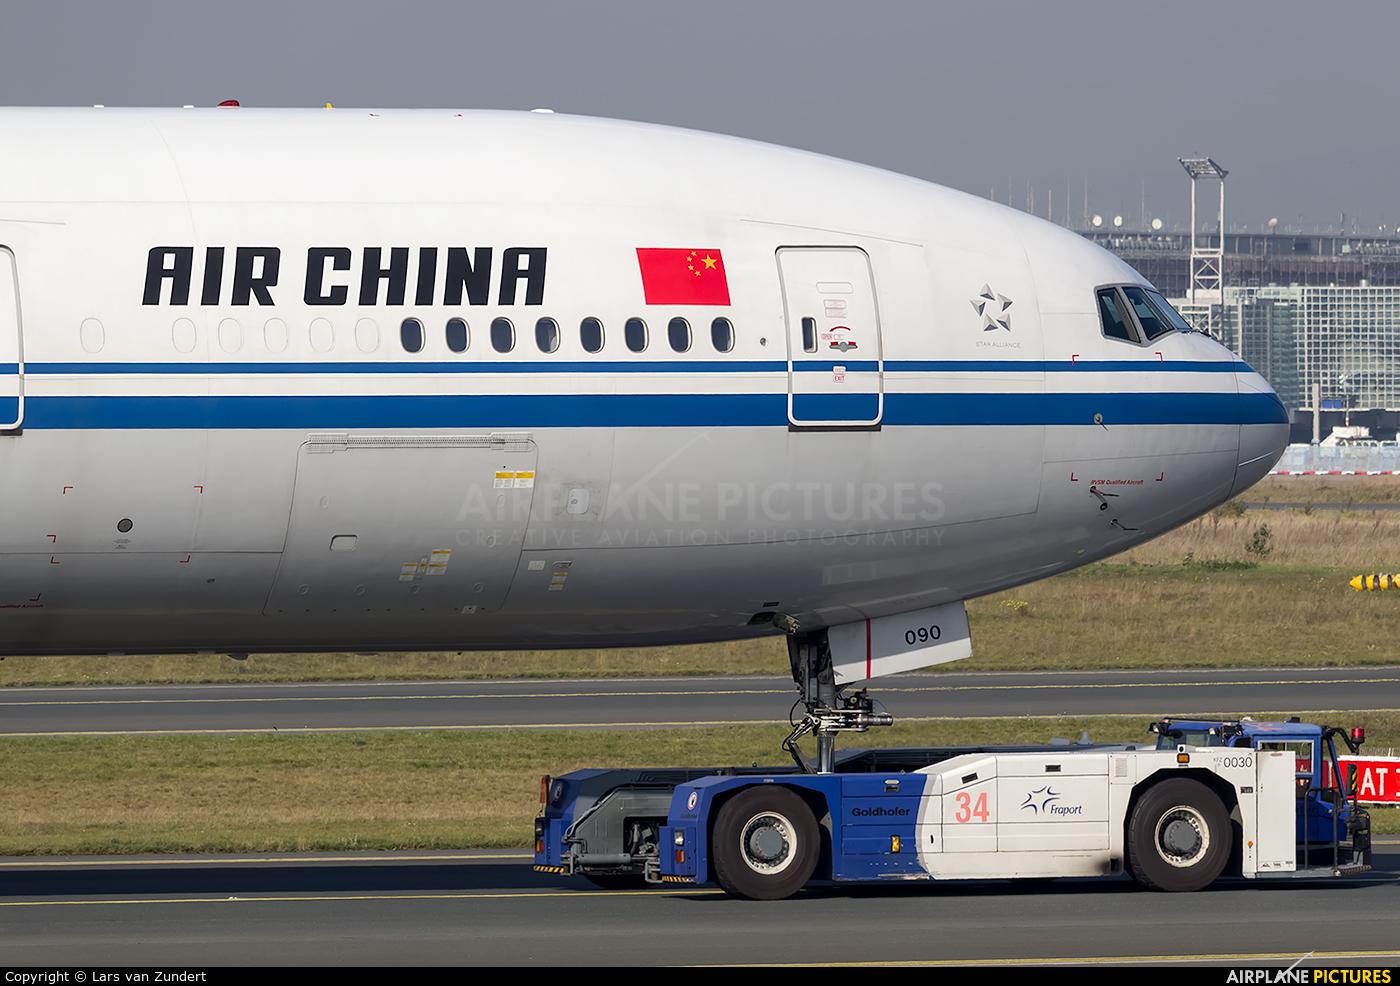 Air China B-2090 aircraft at Frankfurt